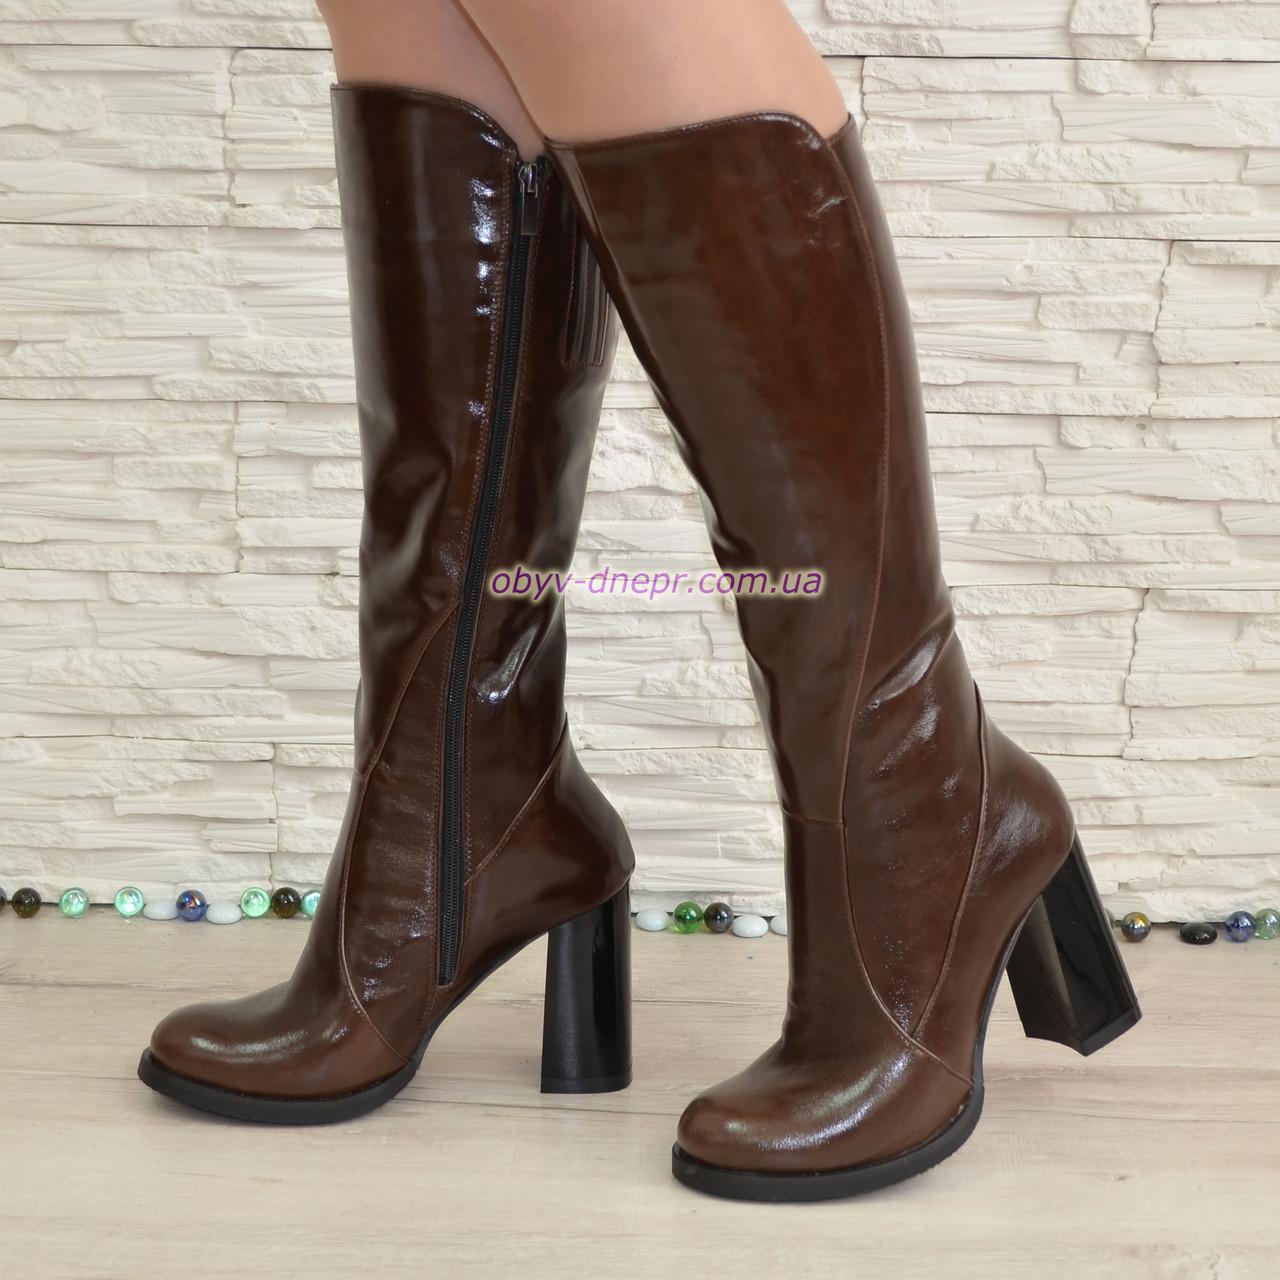 8b8003e17 Сапоги женские кожаные демисезонные на высоком устойчивом каблуке, цвет  коричневый.